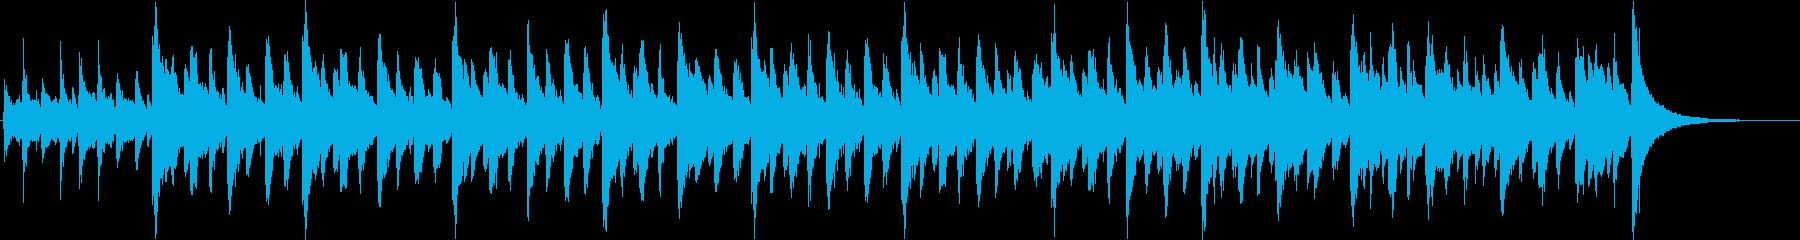 レトロゲームとマーチングバンドの再生済みの波形